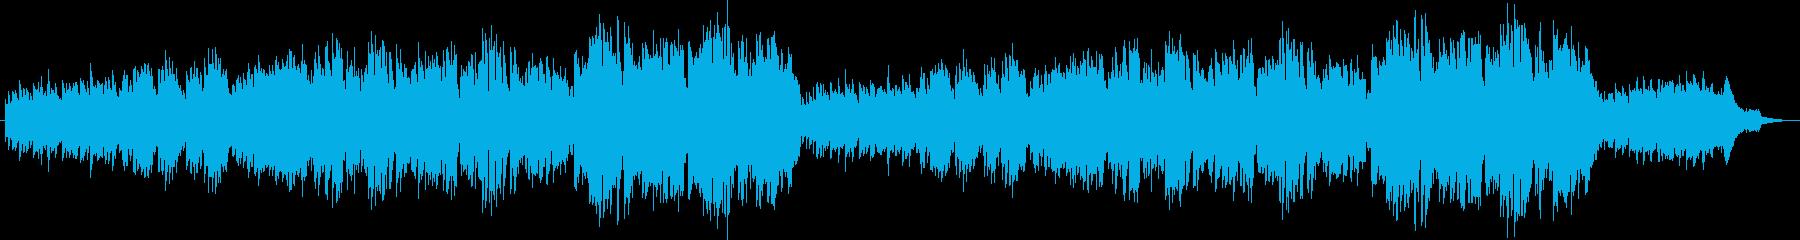 オカリナ生演奏によるのどかで穏やかな曲の再生済みの波形